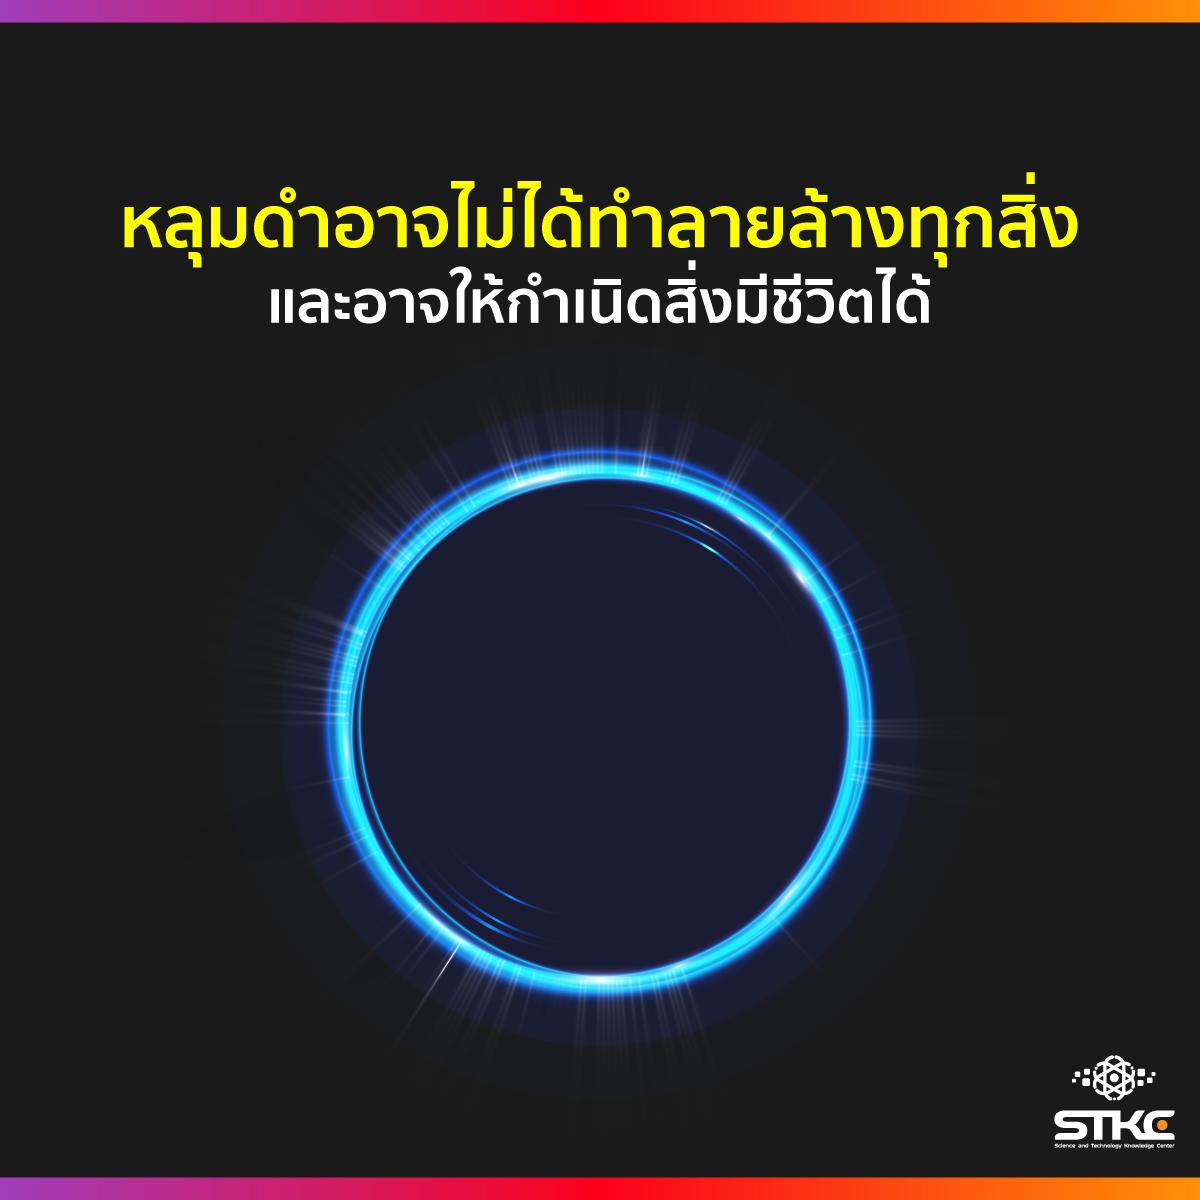 หลุมดำอาจไม่ได้ทำลายล้างทุกสิ่ง และอาจให้กำเนิดสิ่งมีชีวิตได้